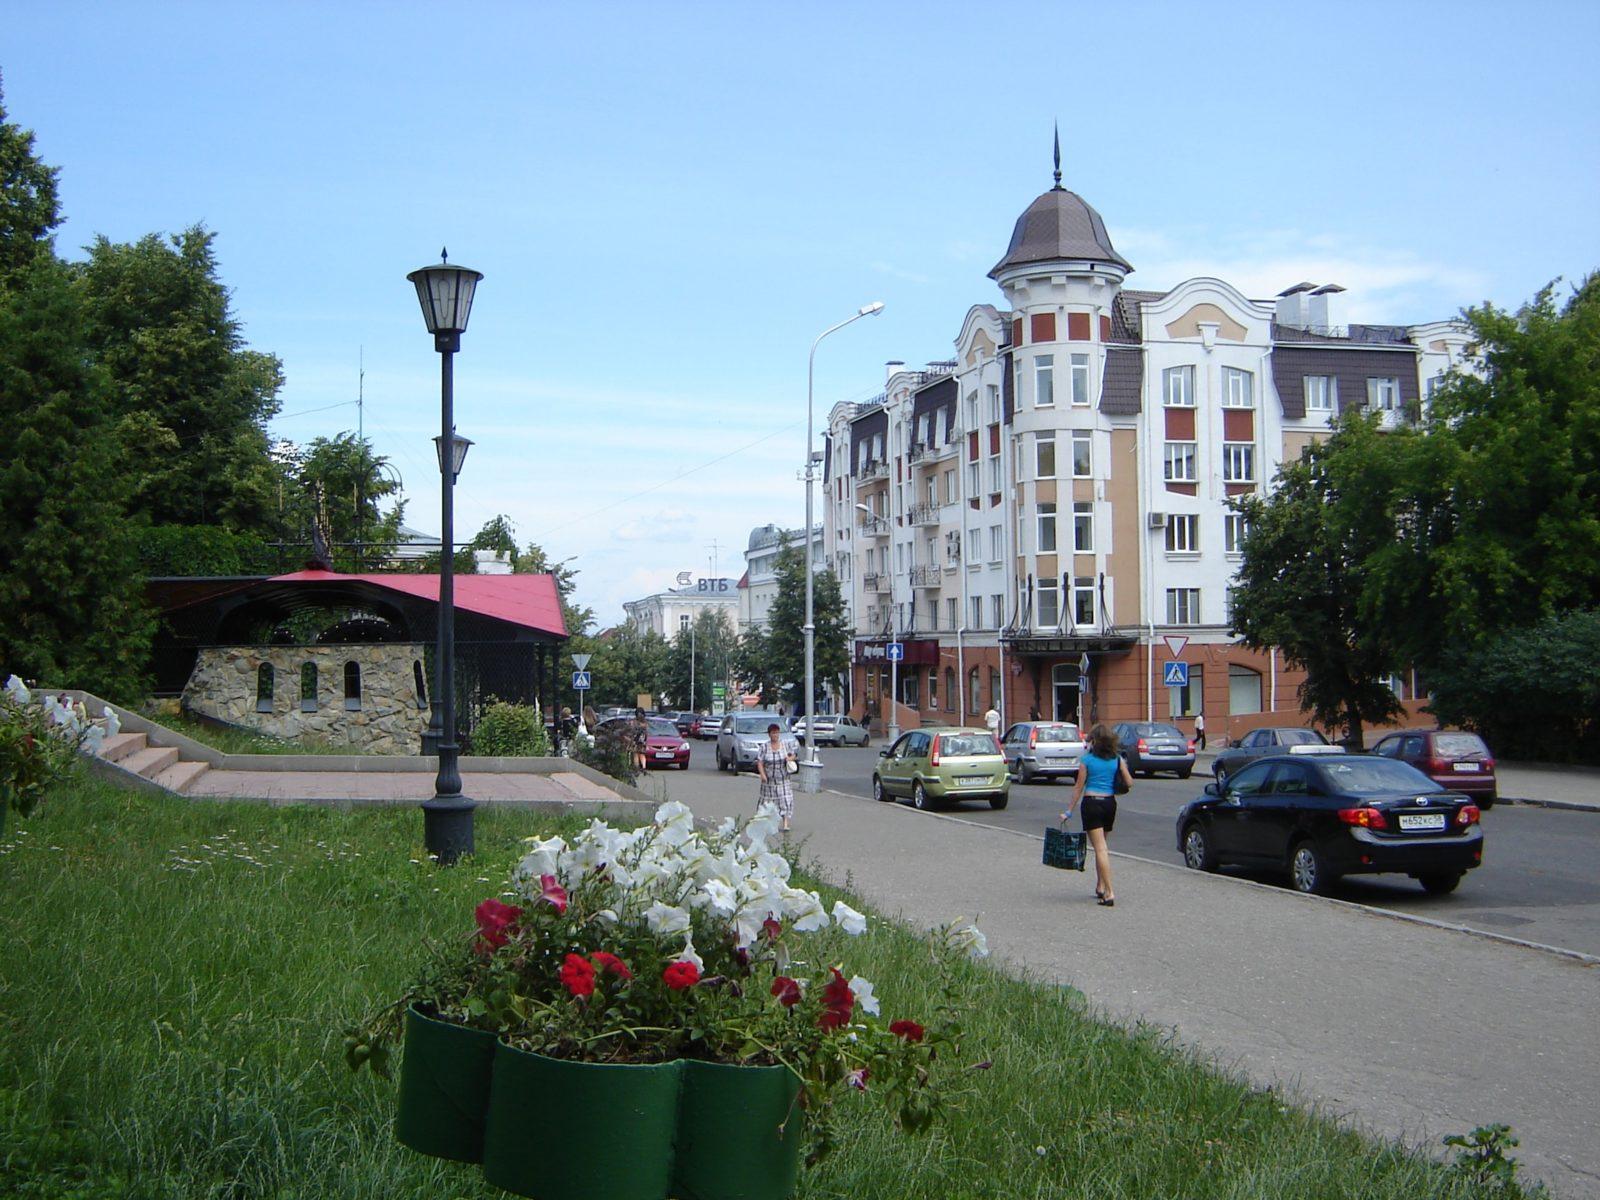 Пензу, фото улицы города Пензы.